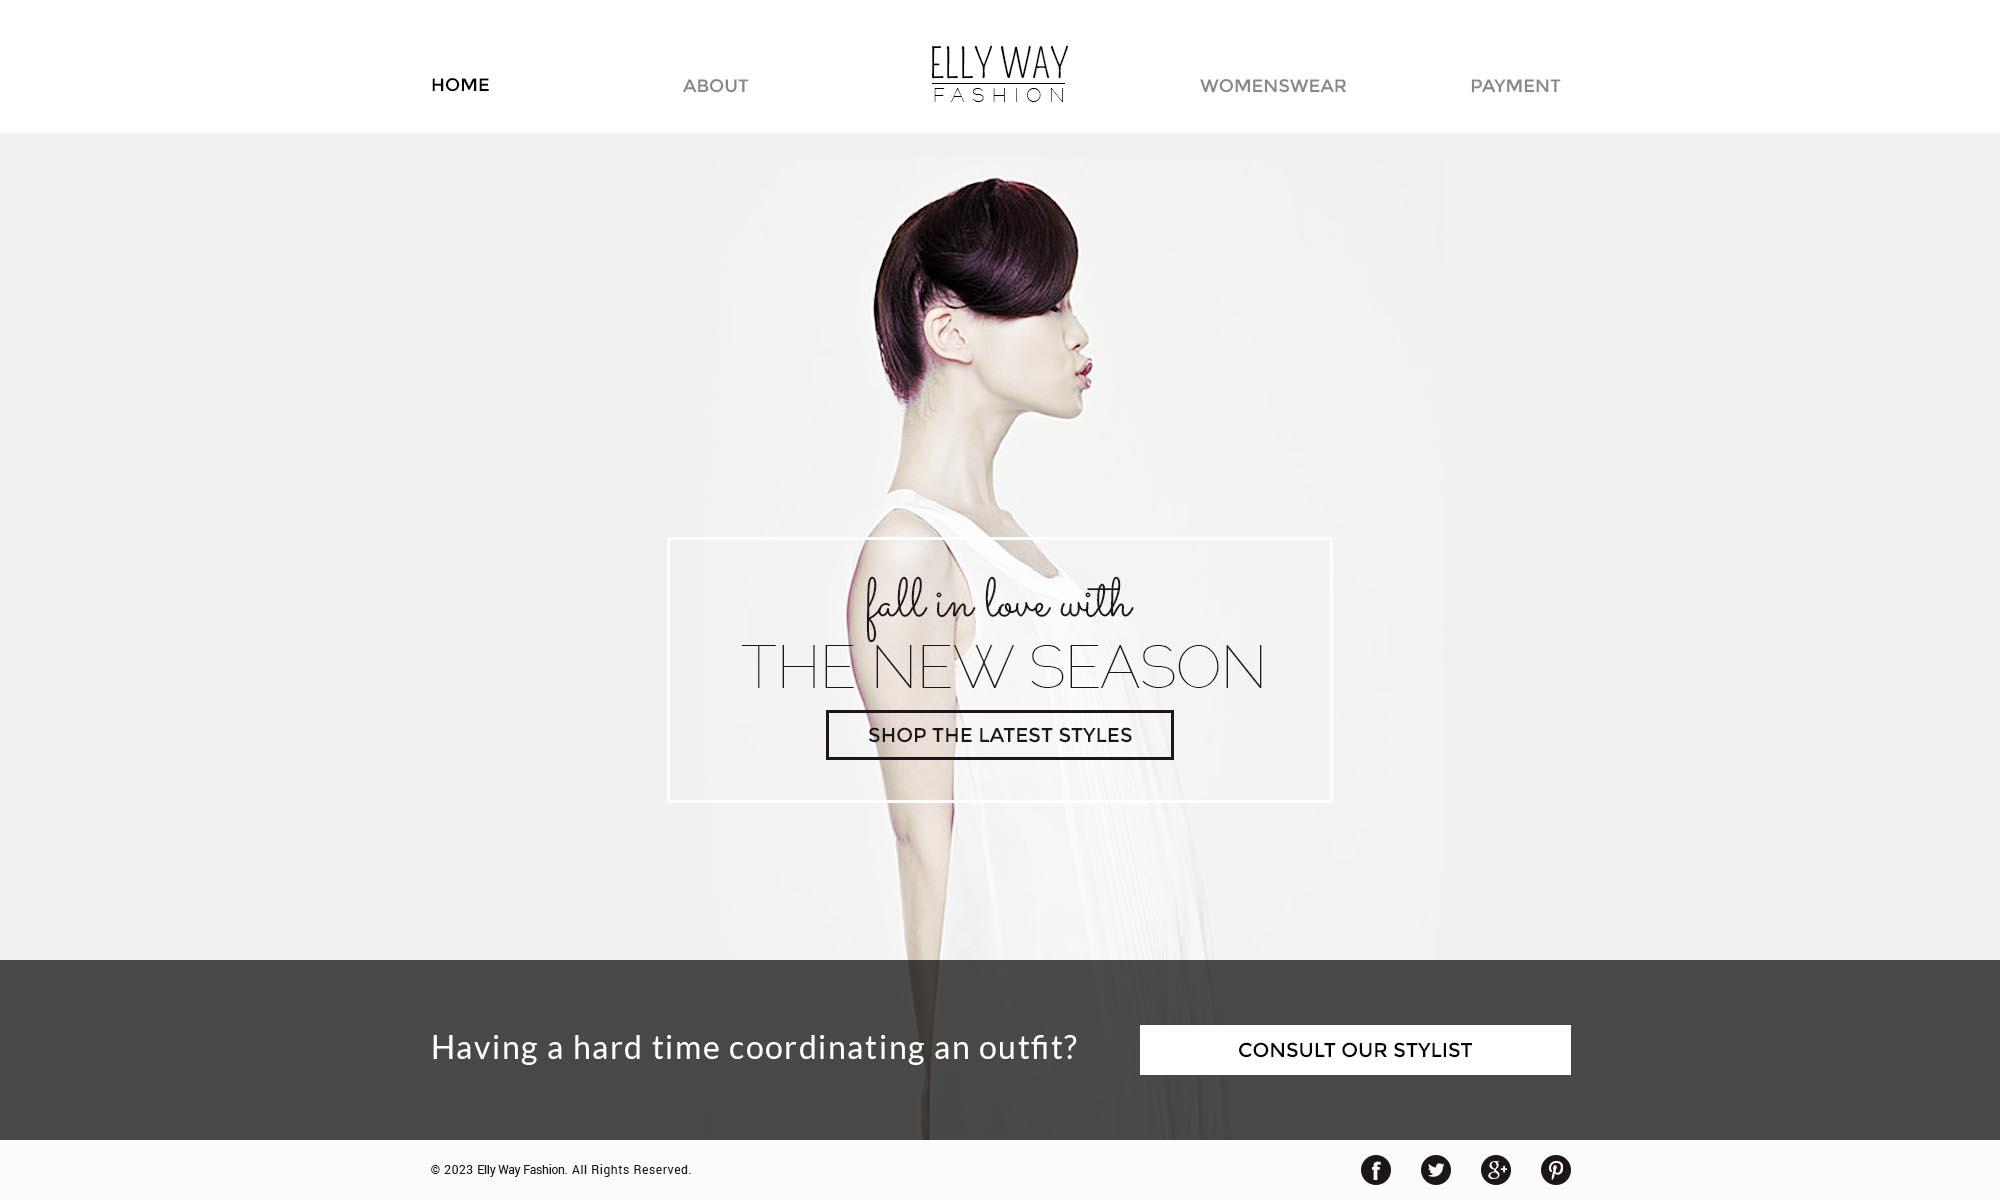 008-EllyWay Fashion2.jpg